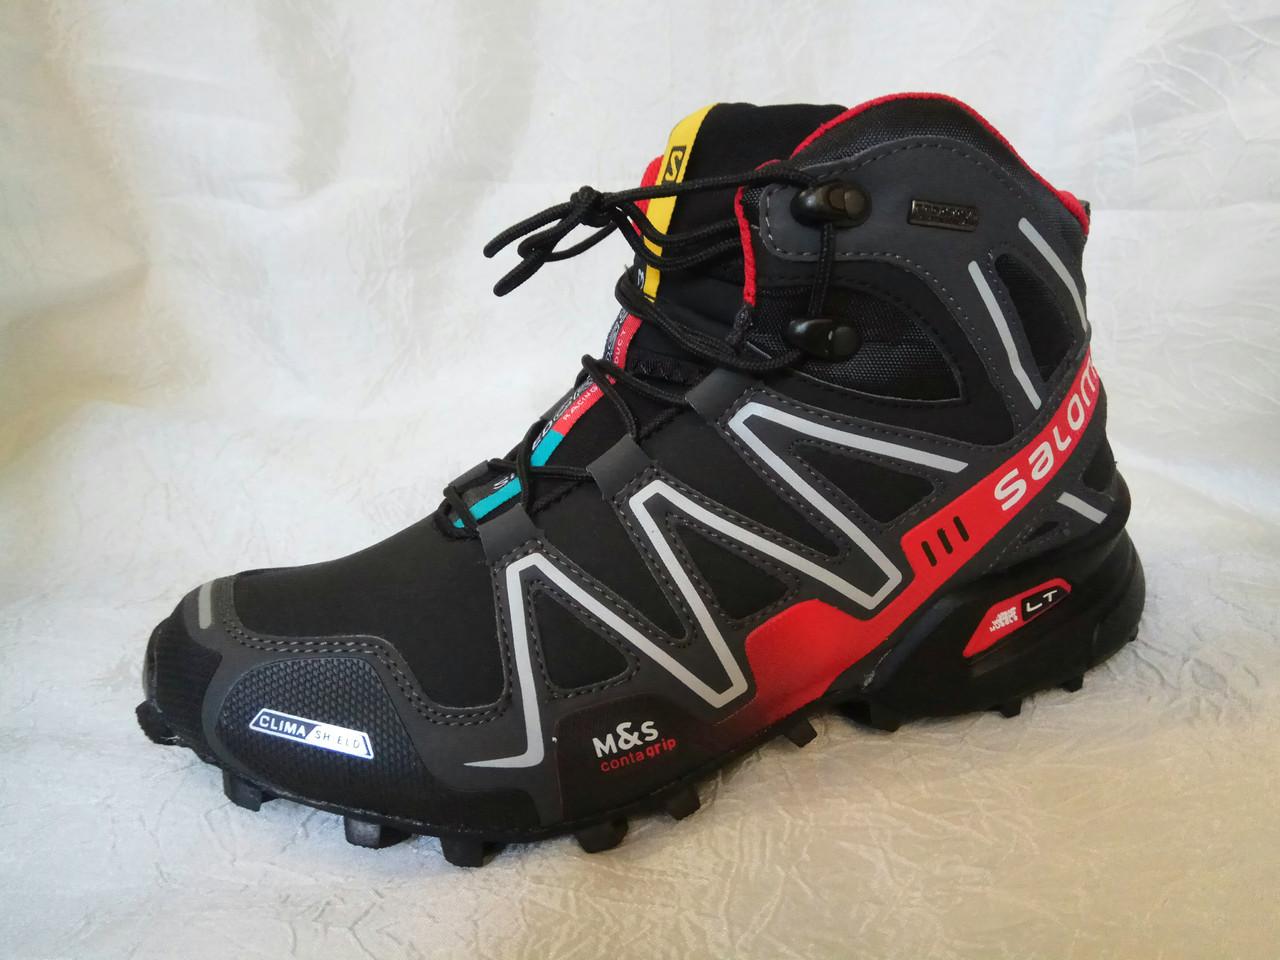 Мужские зимние ботинки Salomon X ULTRA Winter черные с красным - Интернет  магазин krossovkiweb.kiev 492141bf21548